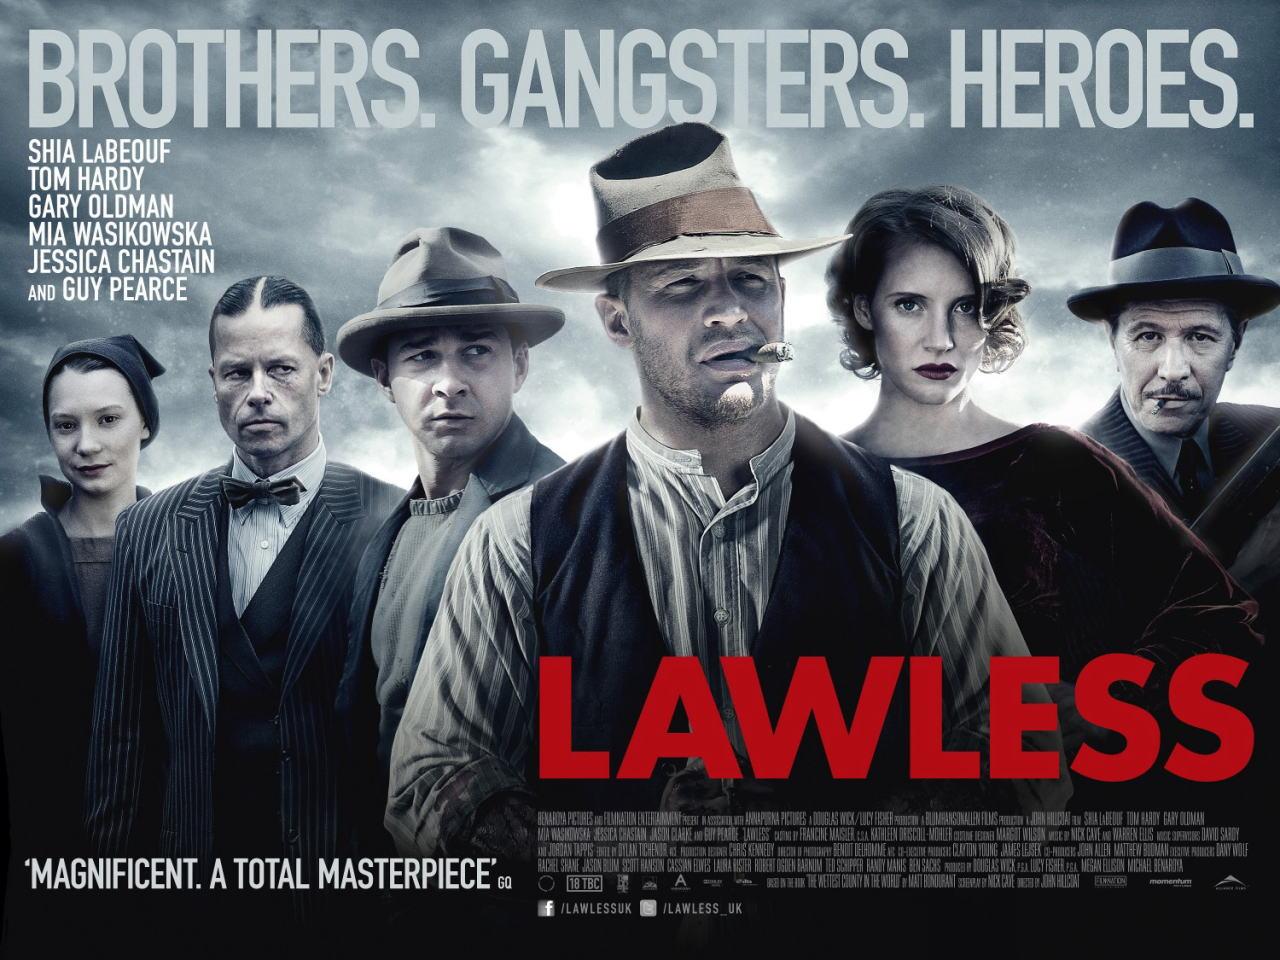 映画『欲望のバージニア (2012) LAWLESS』ポスター(4)▼ポスター画像クリックで拡大します。